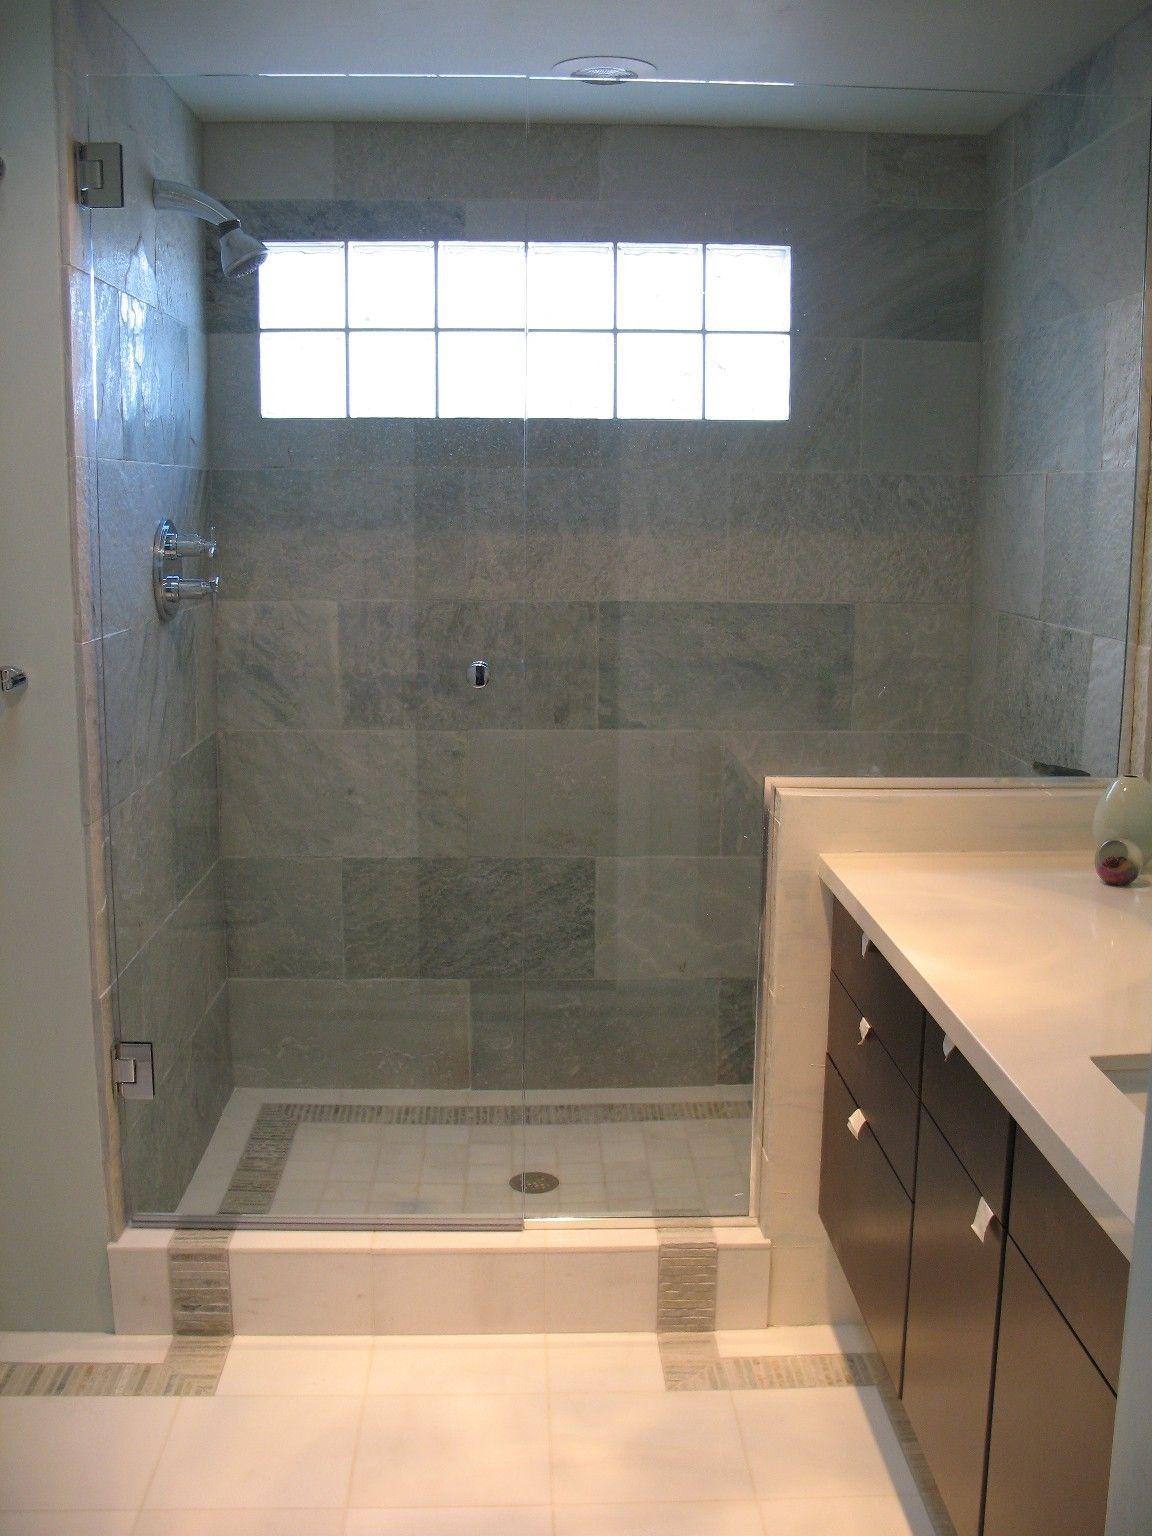 Bathroom Tiles Ideas 2013 1 mln bathroom tile ideas | bathroom ideas | pinterest | tile